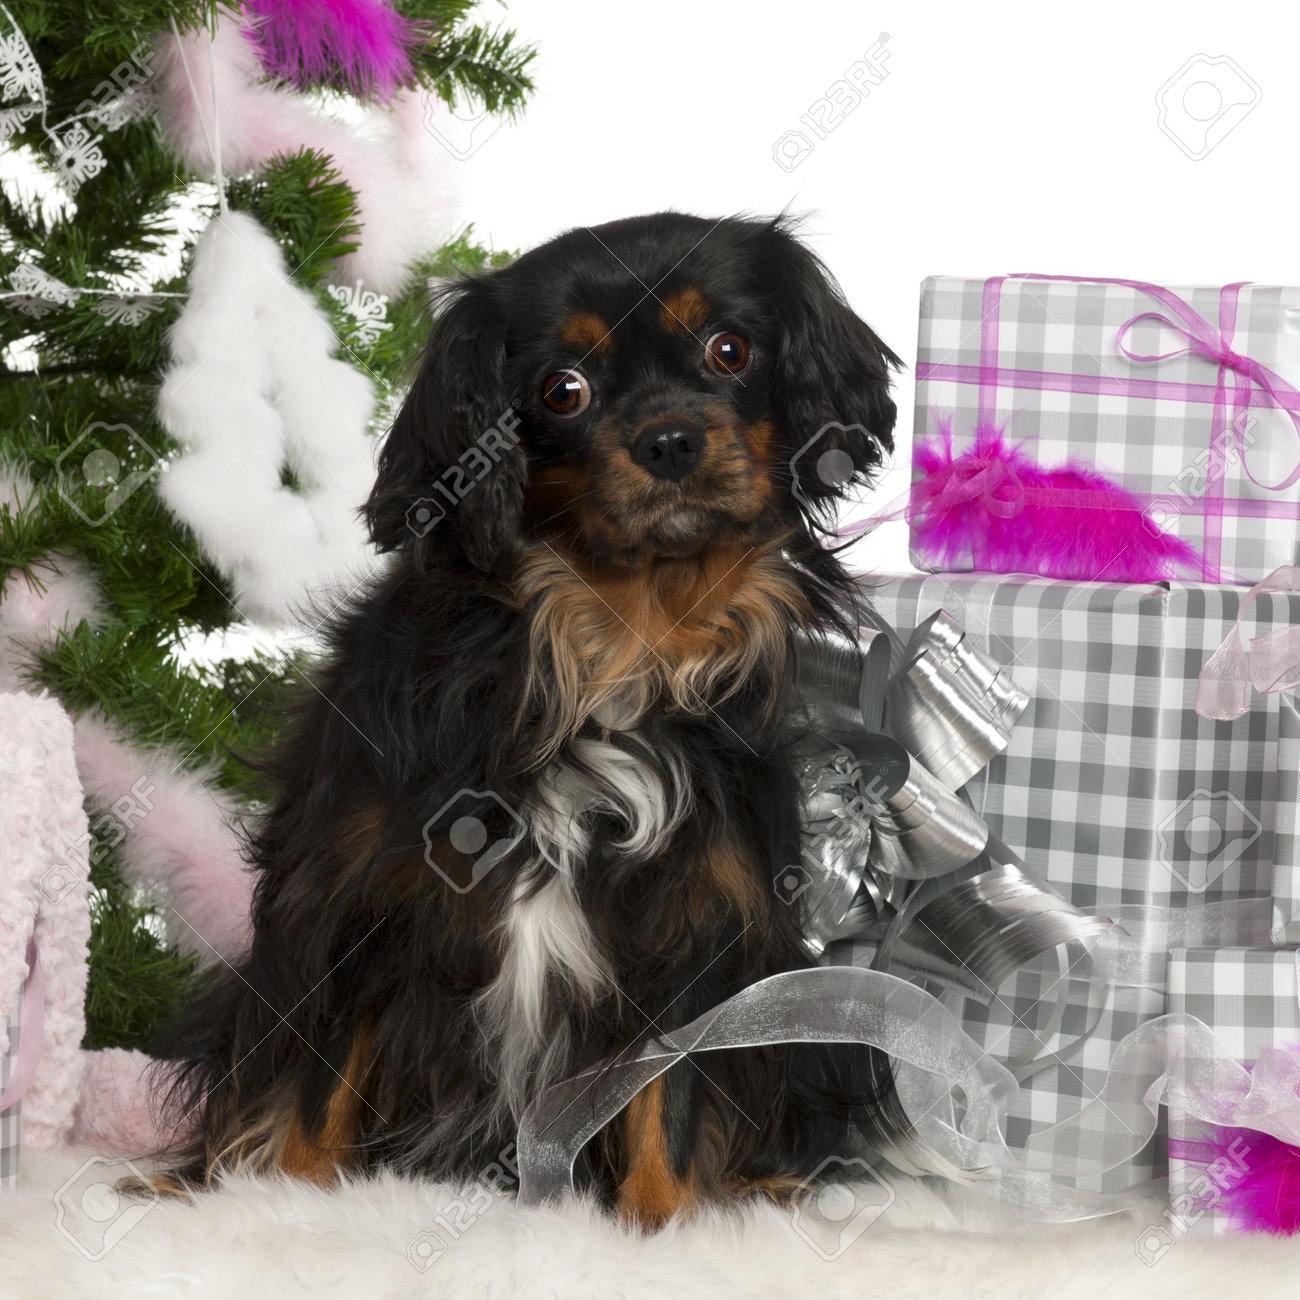 Regalo Cavalier King Charles Spaniel.Cavalier King Charles Spaniel 3 Anos De Edad Con El Arbol De Navidad Y Los Regalos Delante De Fondo Blanco